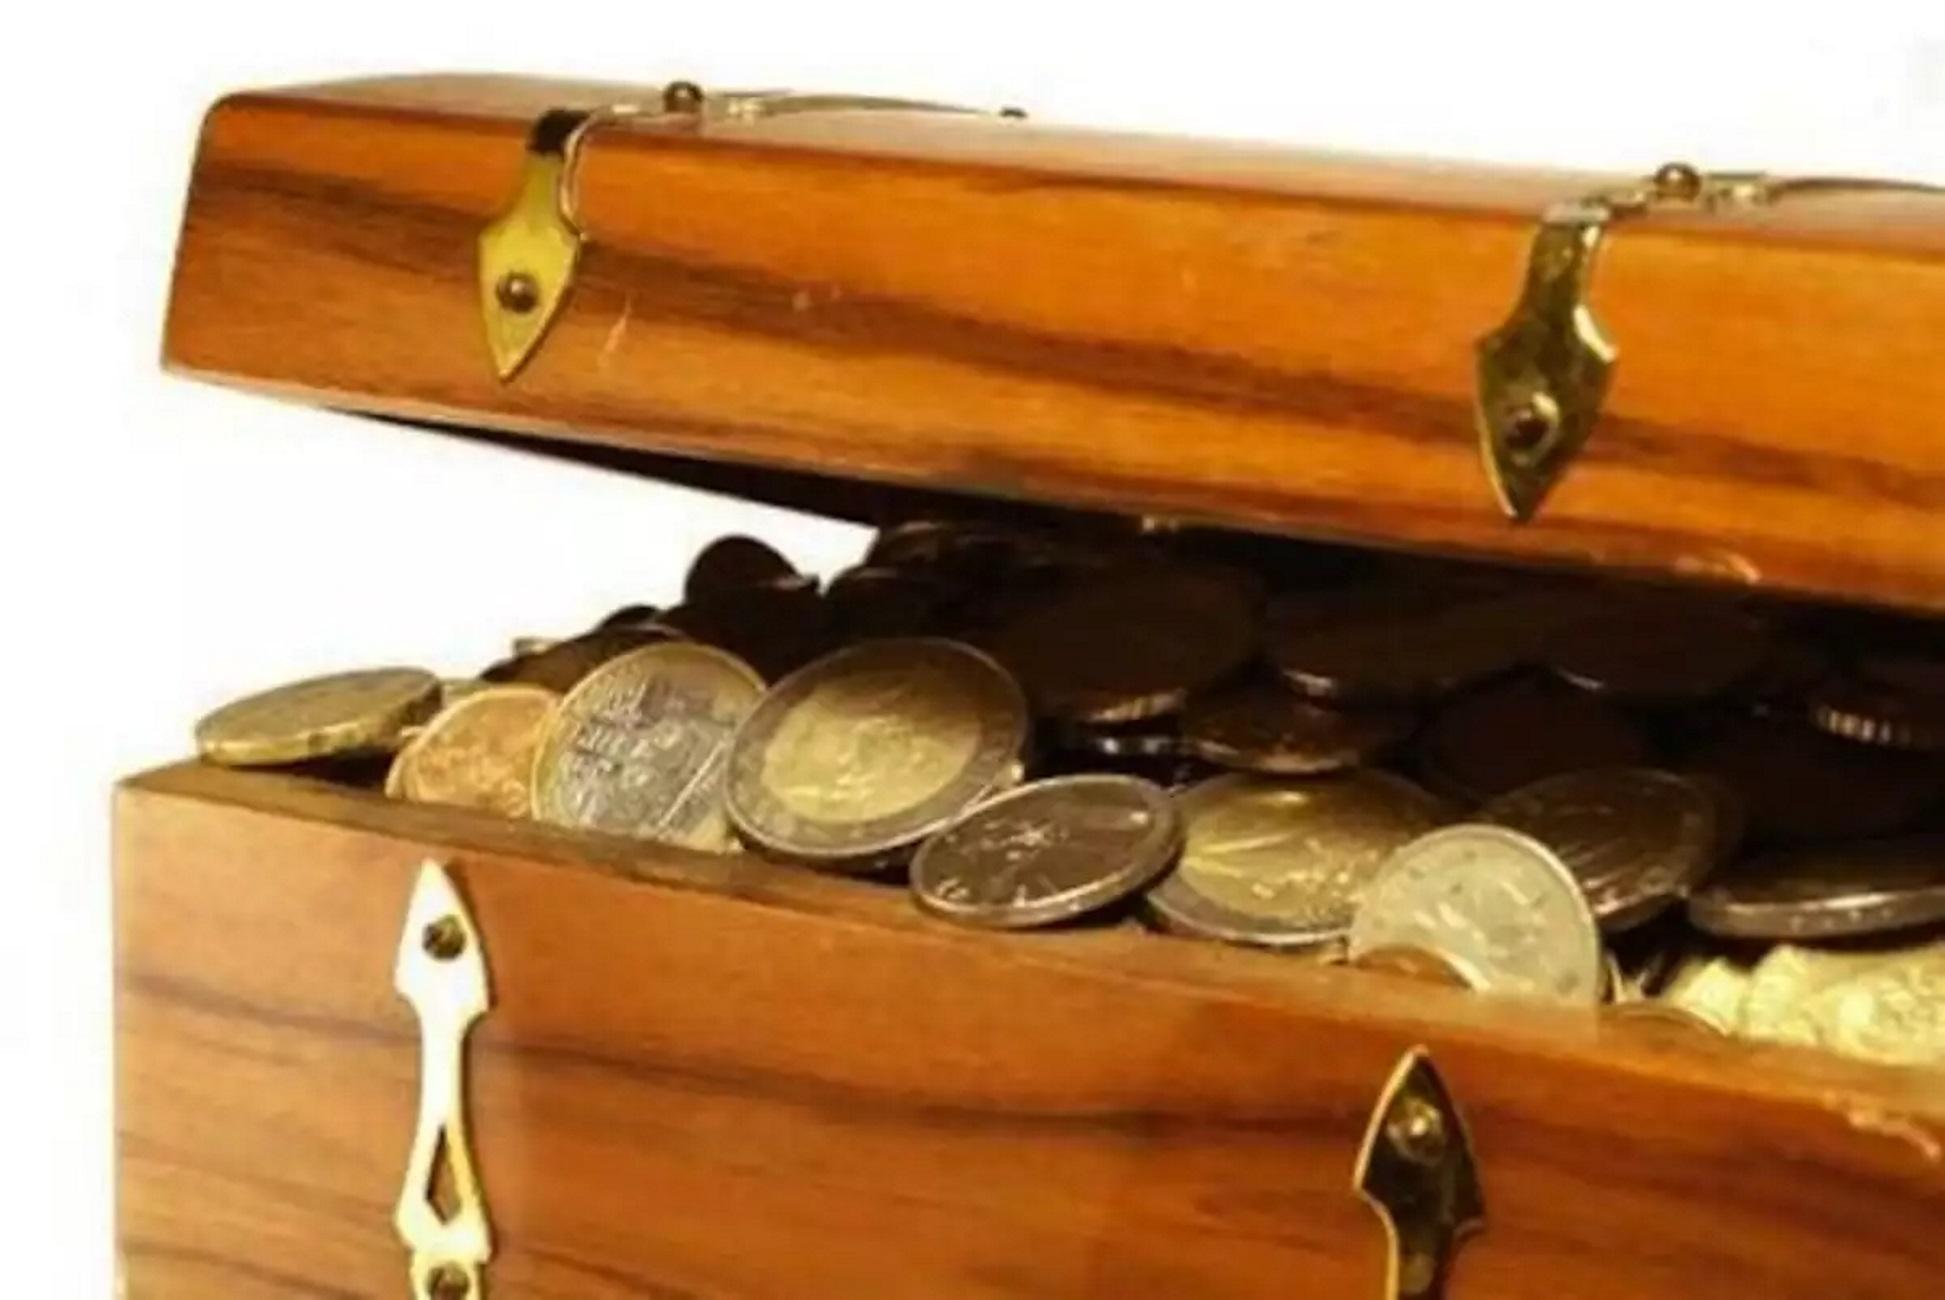 Βόλος: Το σεντούκι του παππού έκρυβε 17.000 ευρώ! Το μεγάλο λάθος έγινε την πιο ακατάλληλη στιγμή